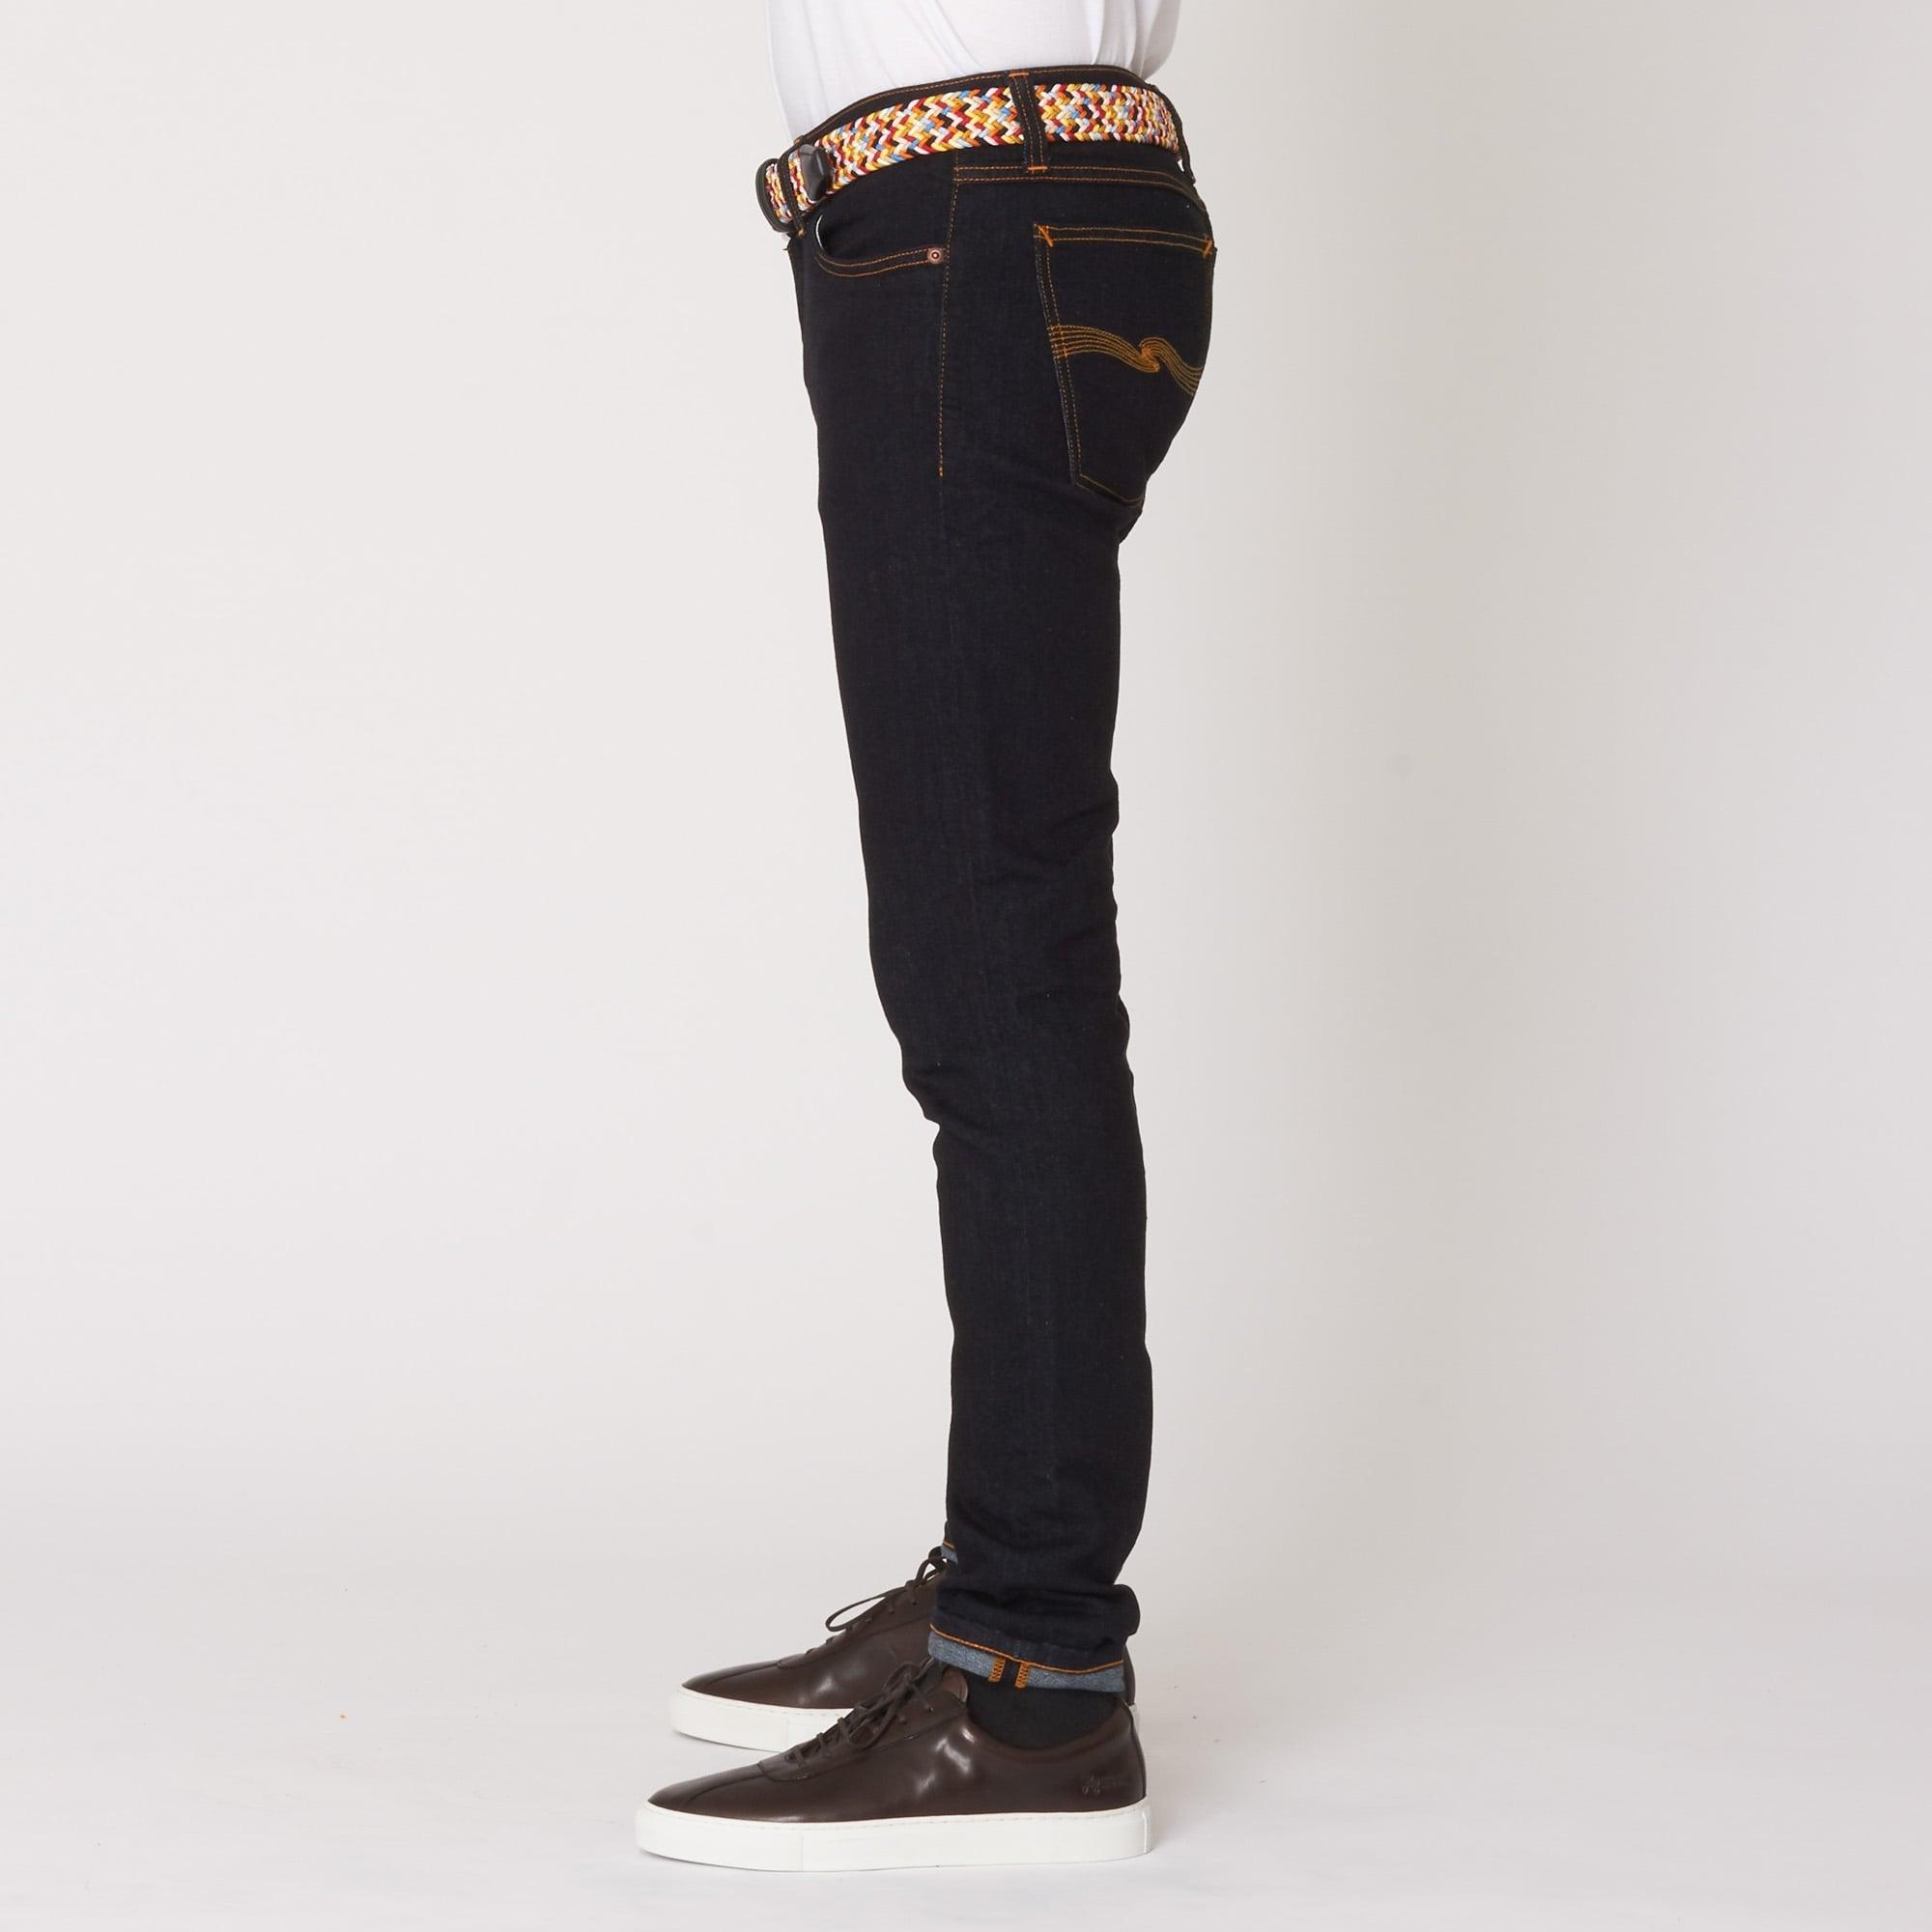 e97ecc2f Nudie Jeans Skinny Lin Jean (Dry Deep Orange) at Dandy Fellow